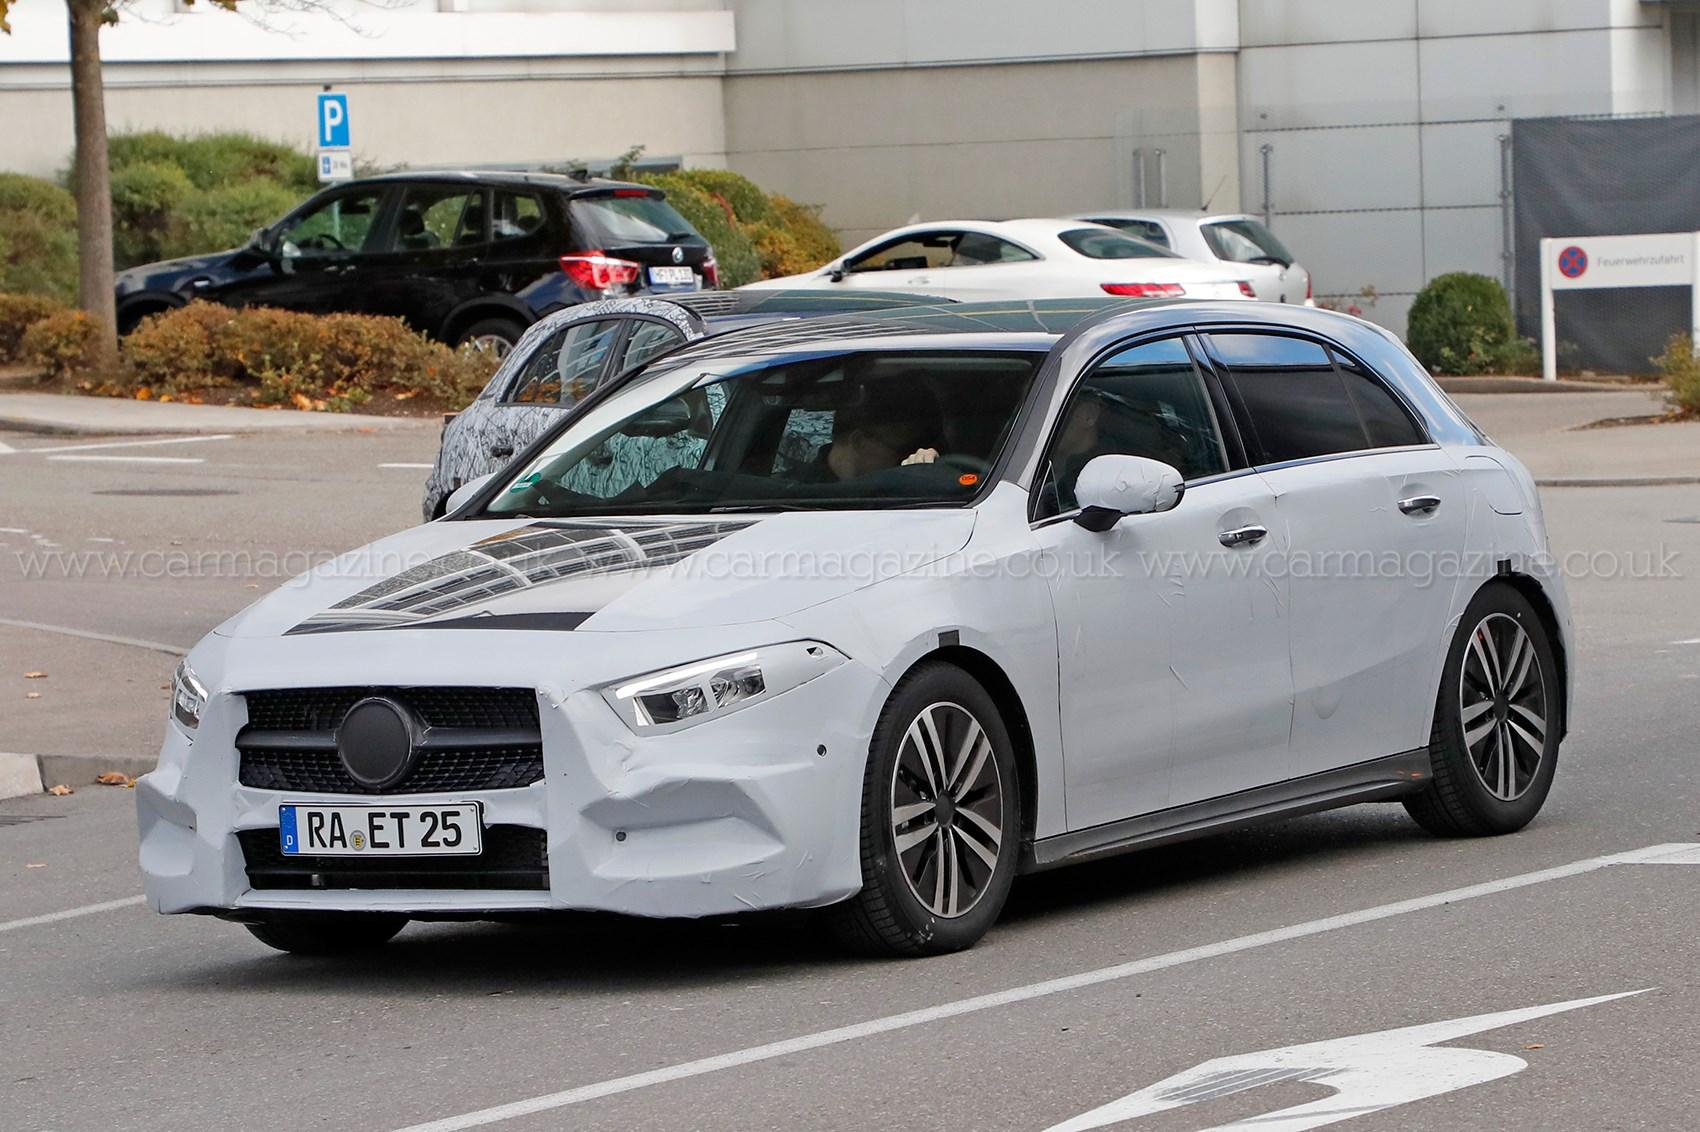 Mercedes benz a class spyshots car magazine for A class mercedes benz